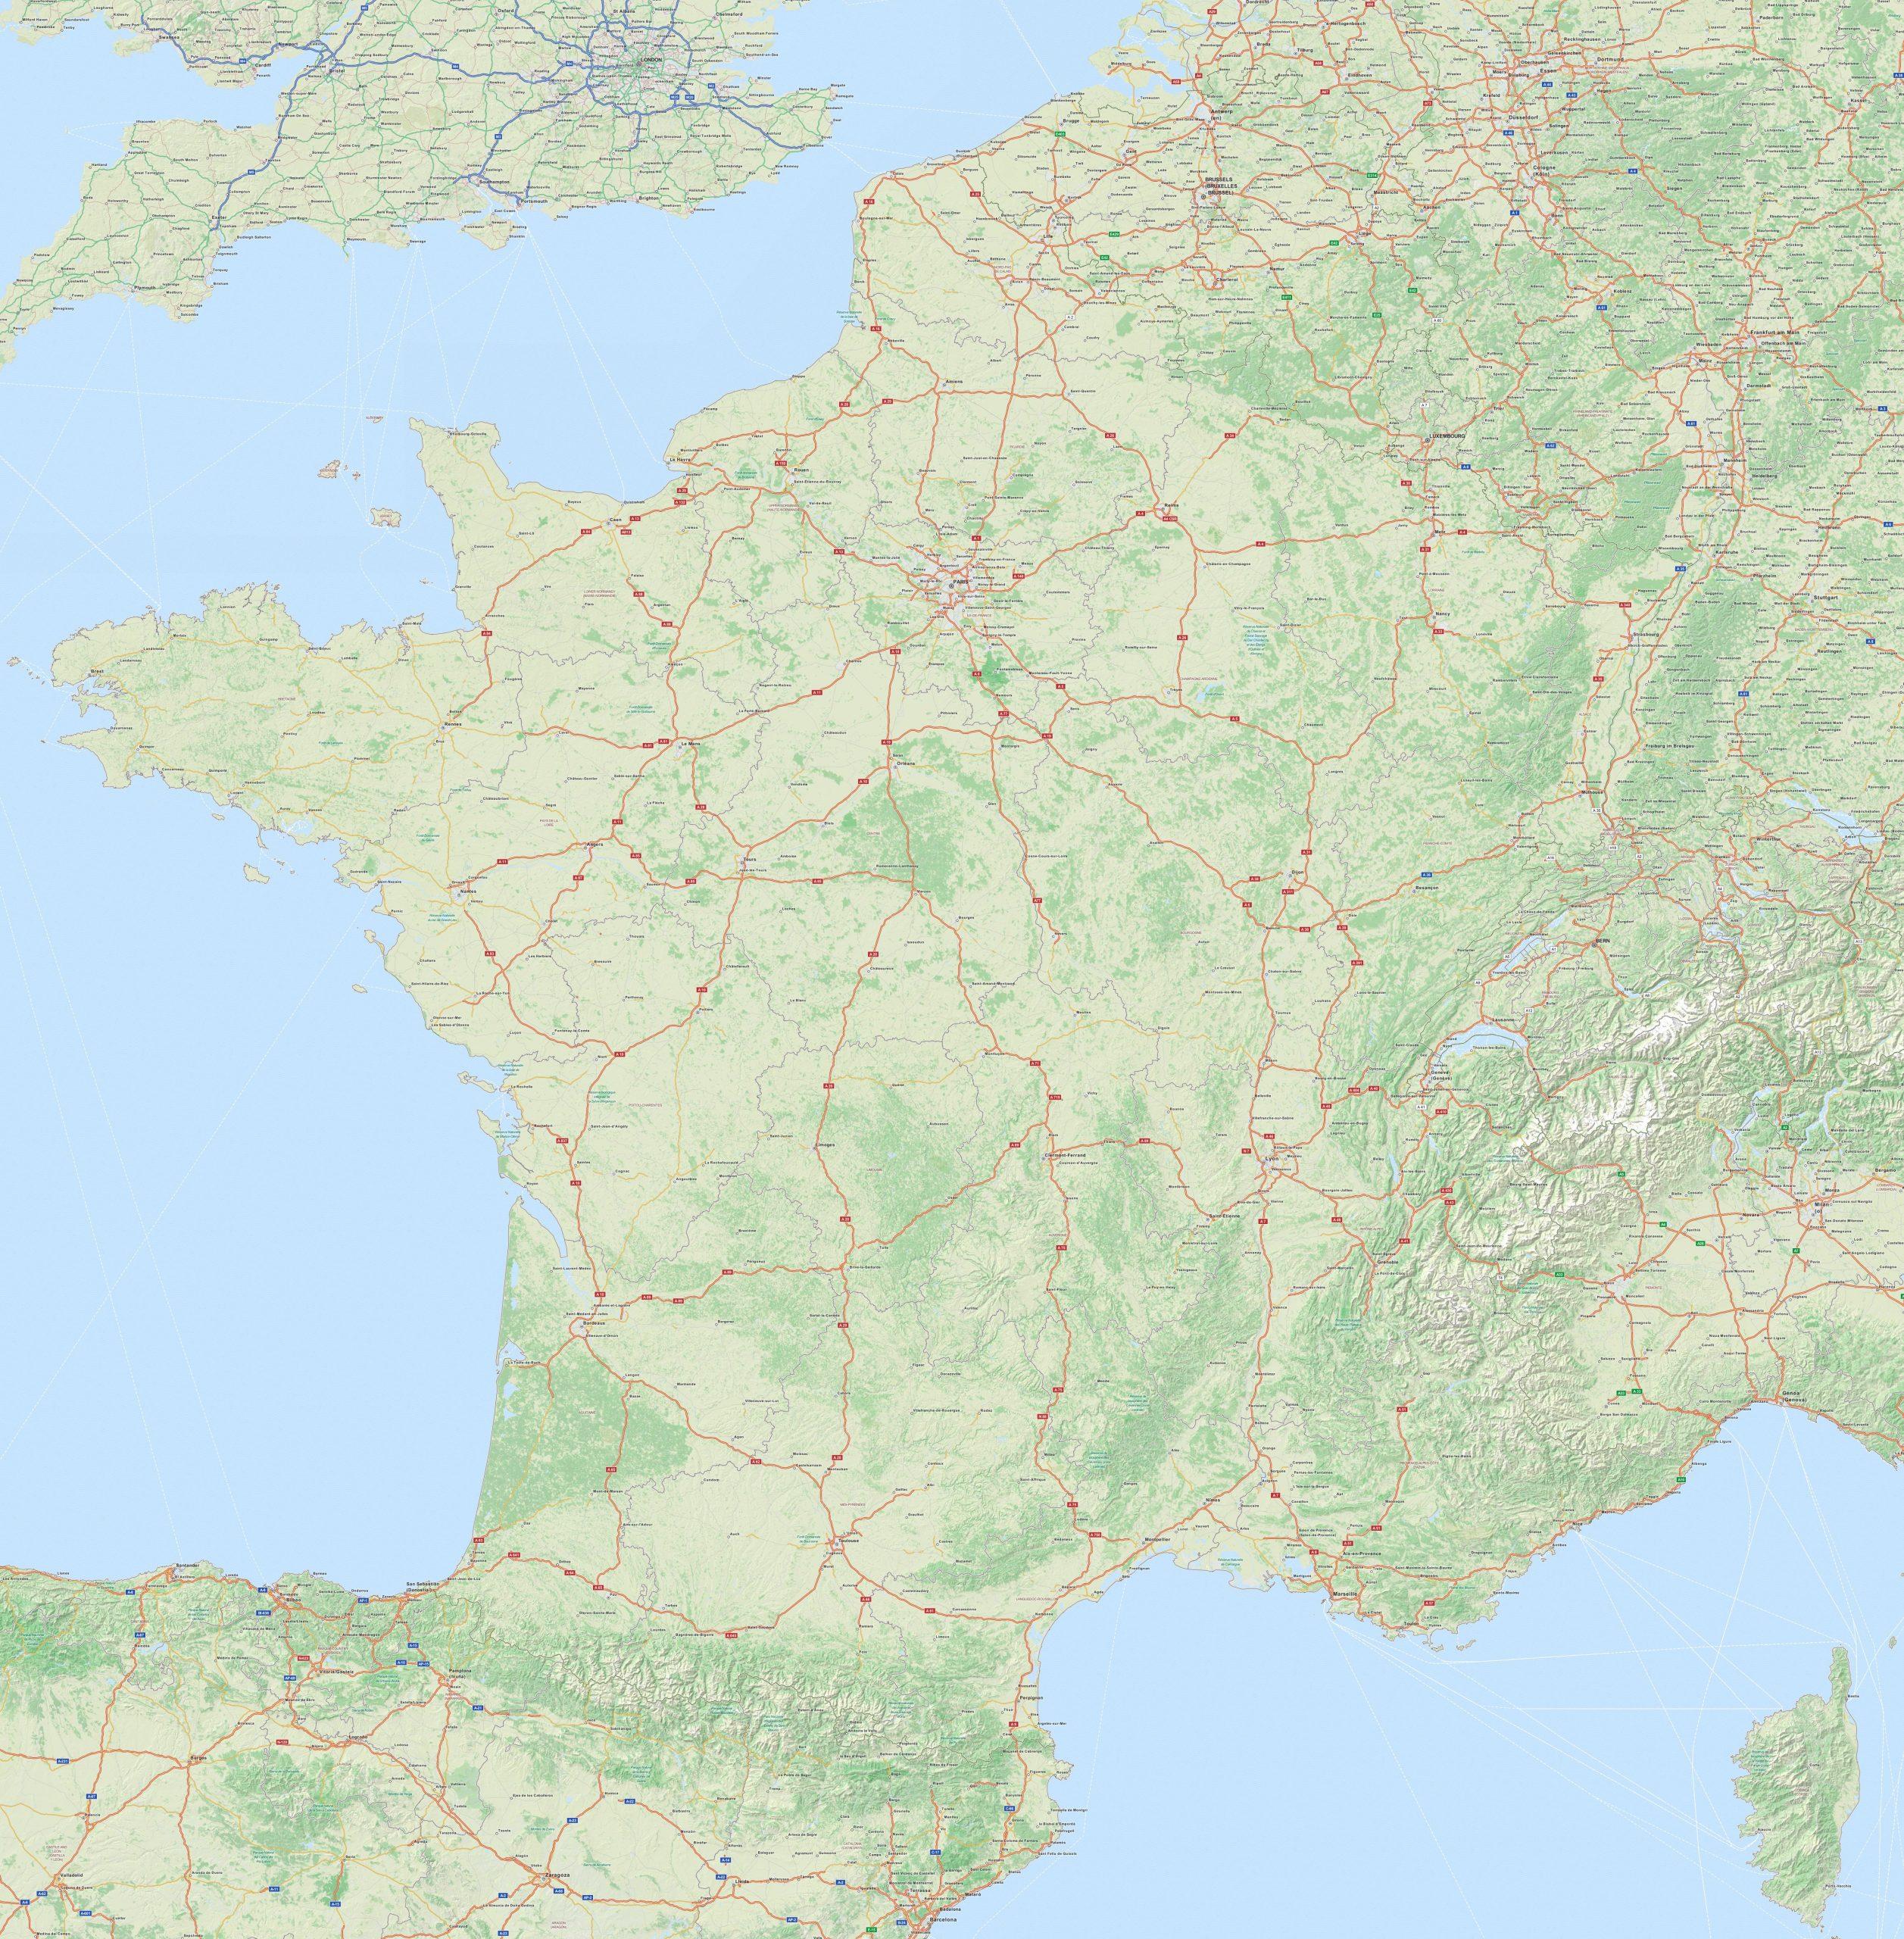 Carte Routière En Haute Résolution dedans Carte Du Sud Est De La France Détaillée